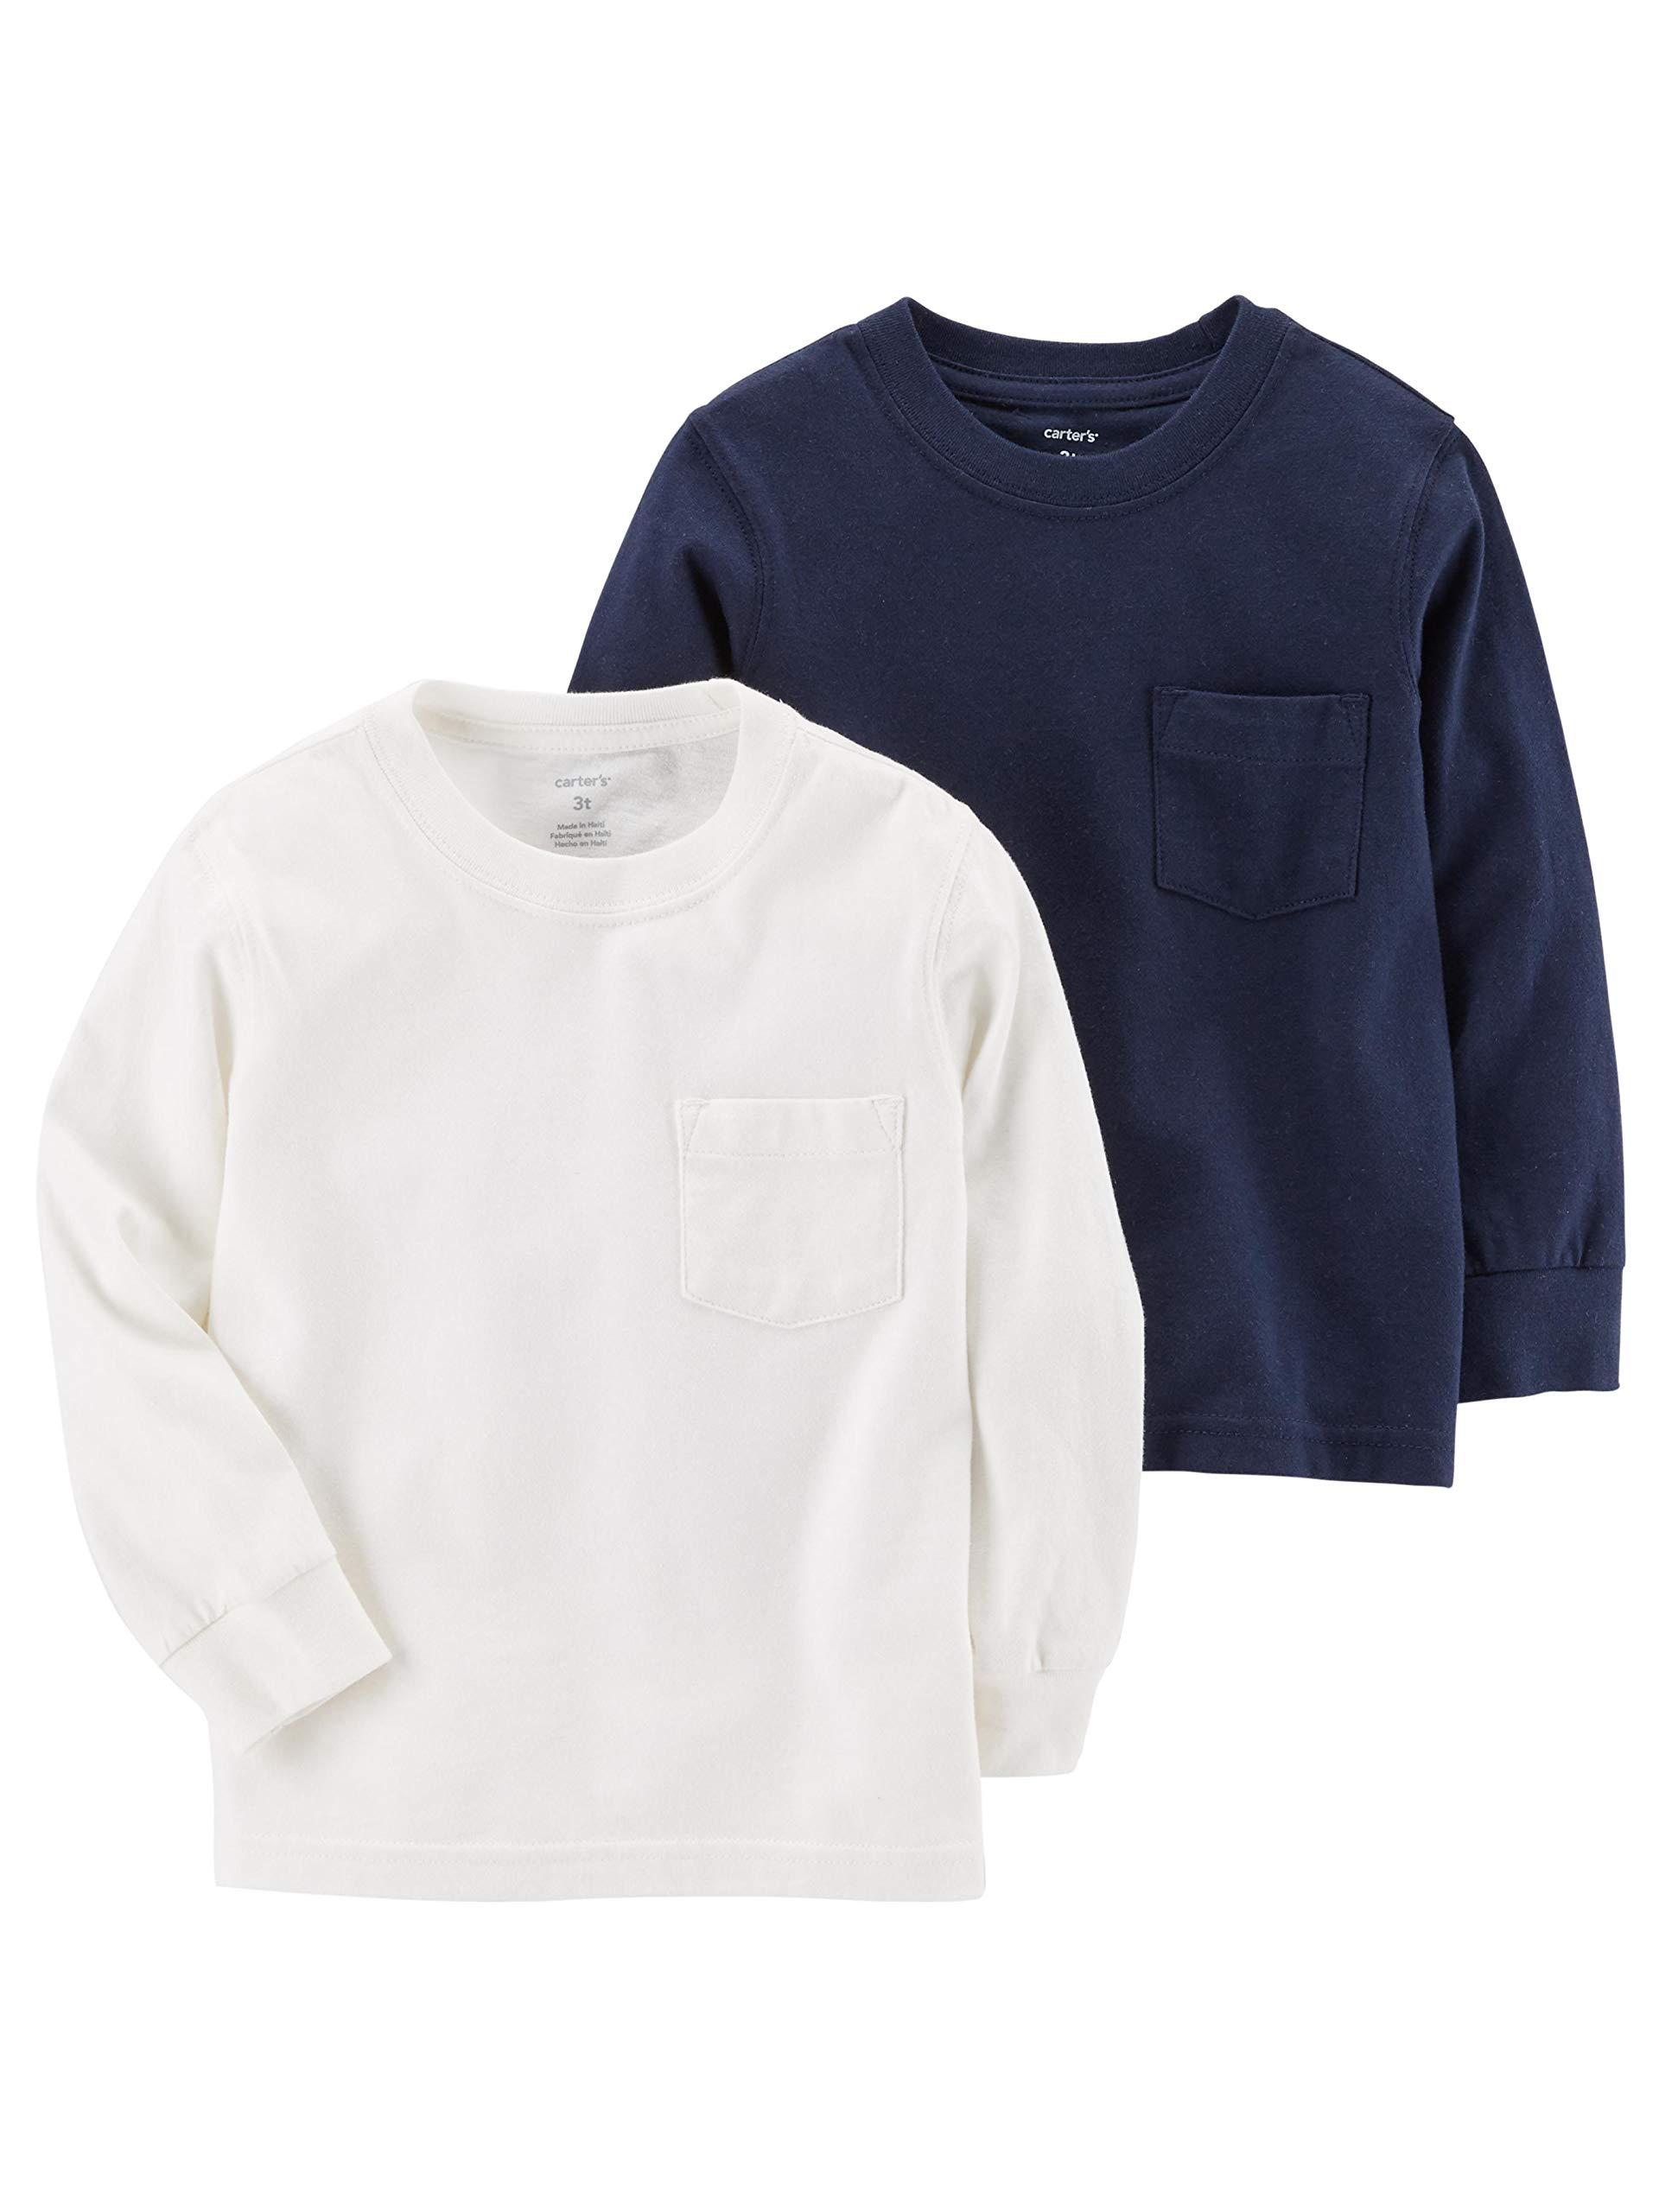 カーターズボーイ2ピースロングスリーブTシャツ